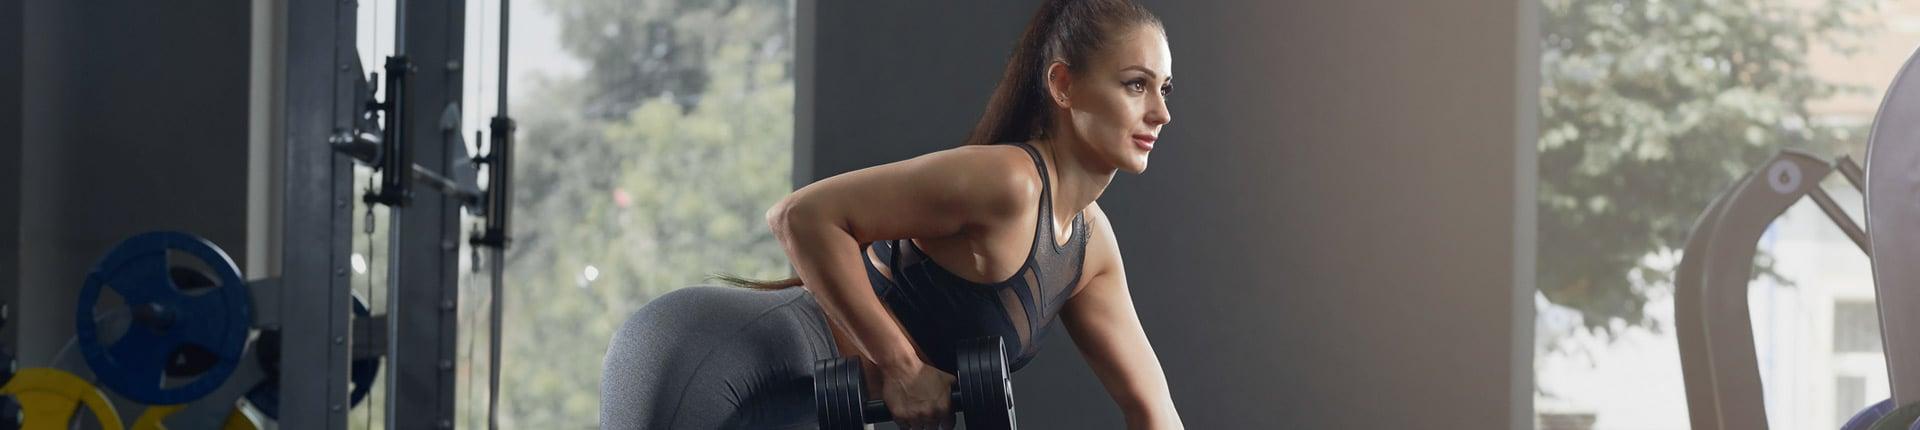 Jak wybrać odpowiedni strój do ćwiczeń?